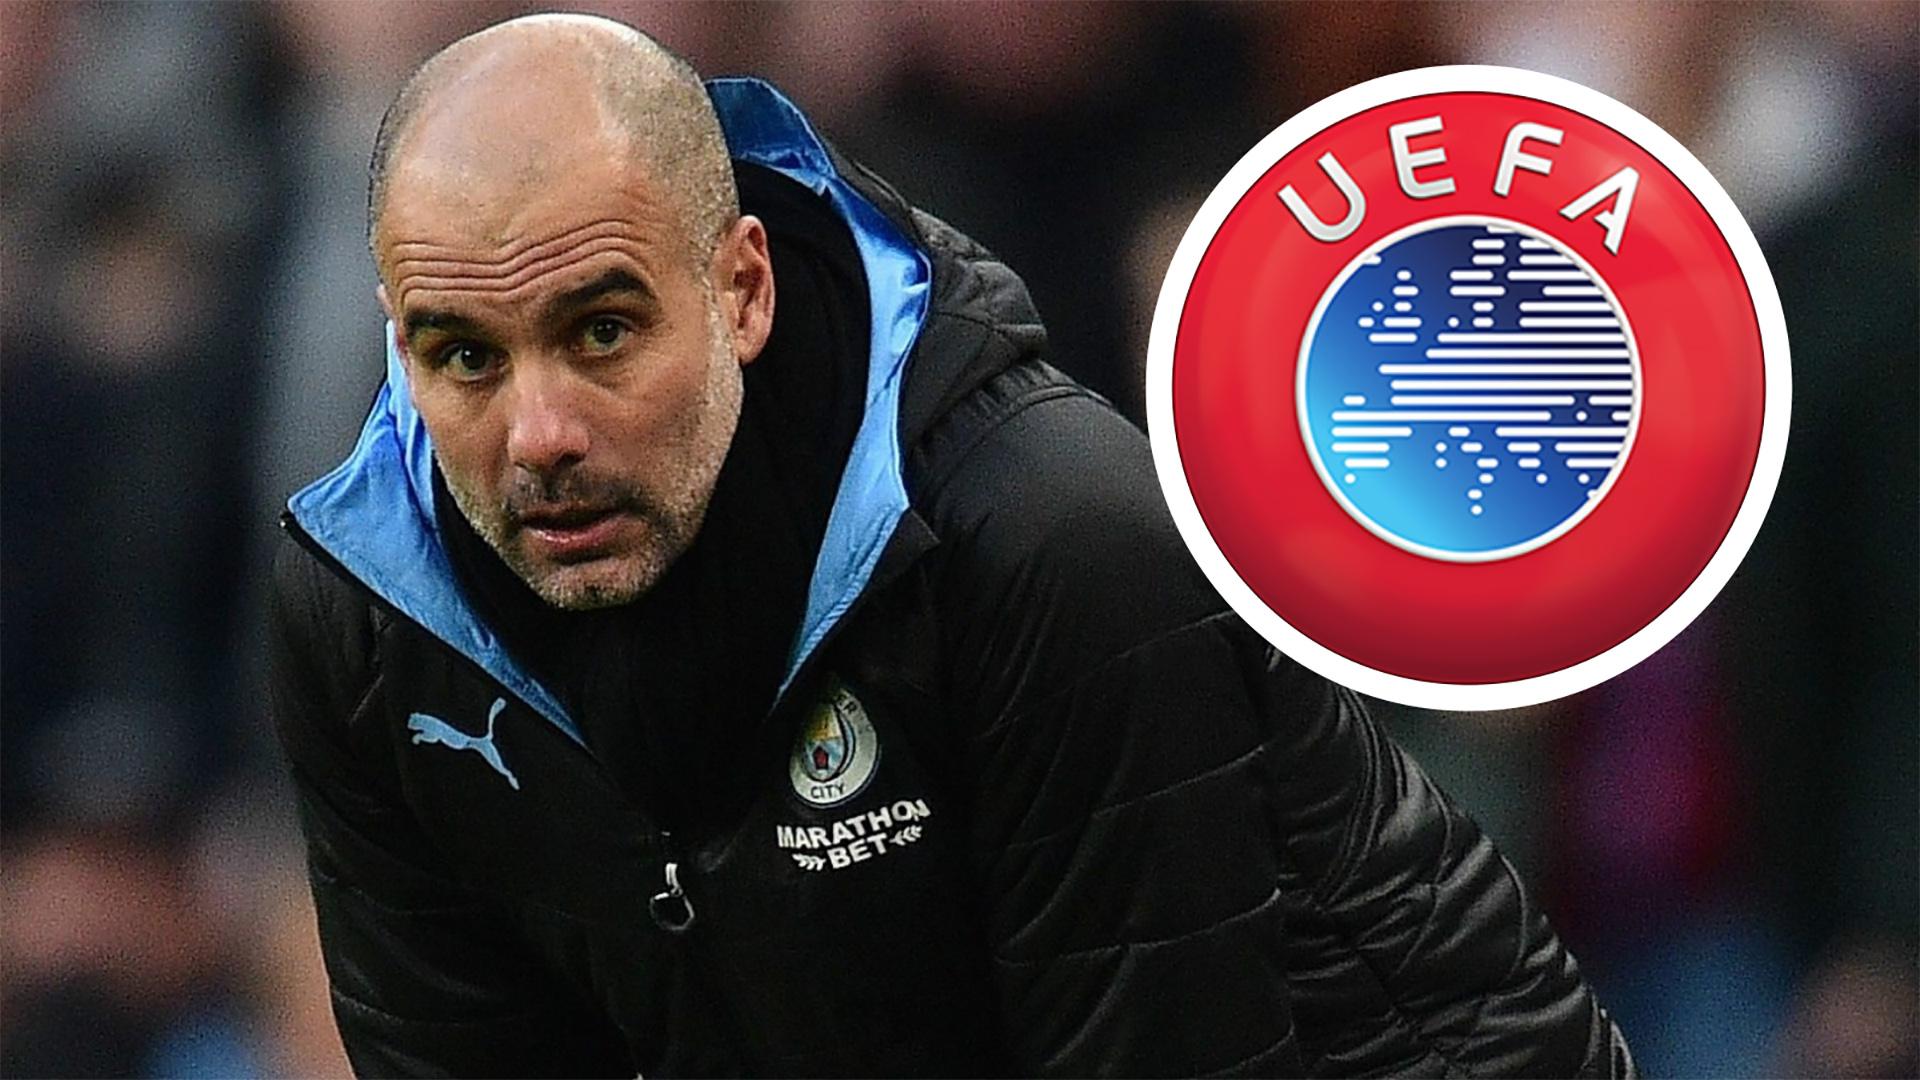 Man City vs UEFA: What does Champions League ban appeal success mean for Premier League top four race?